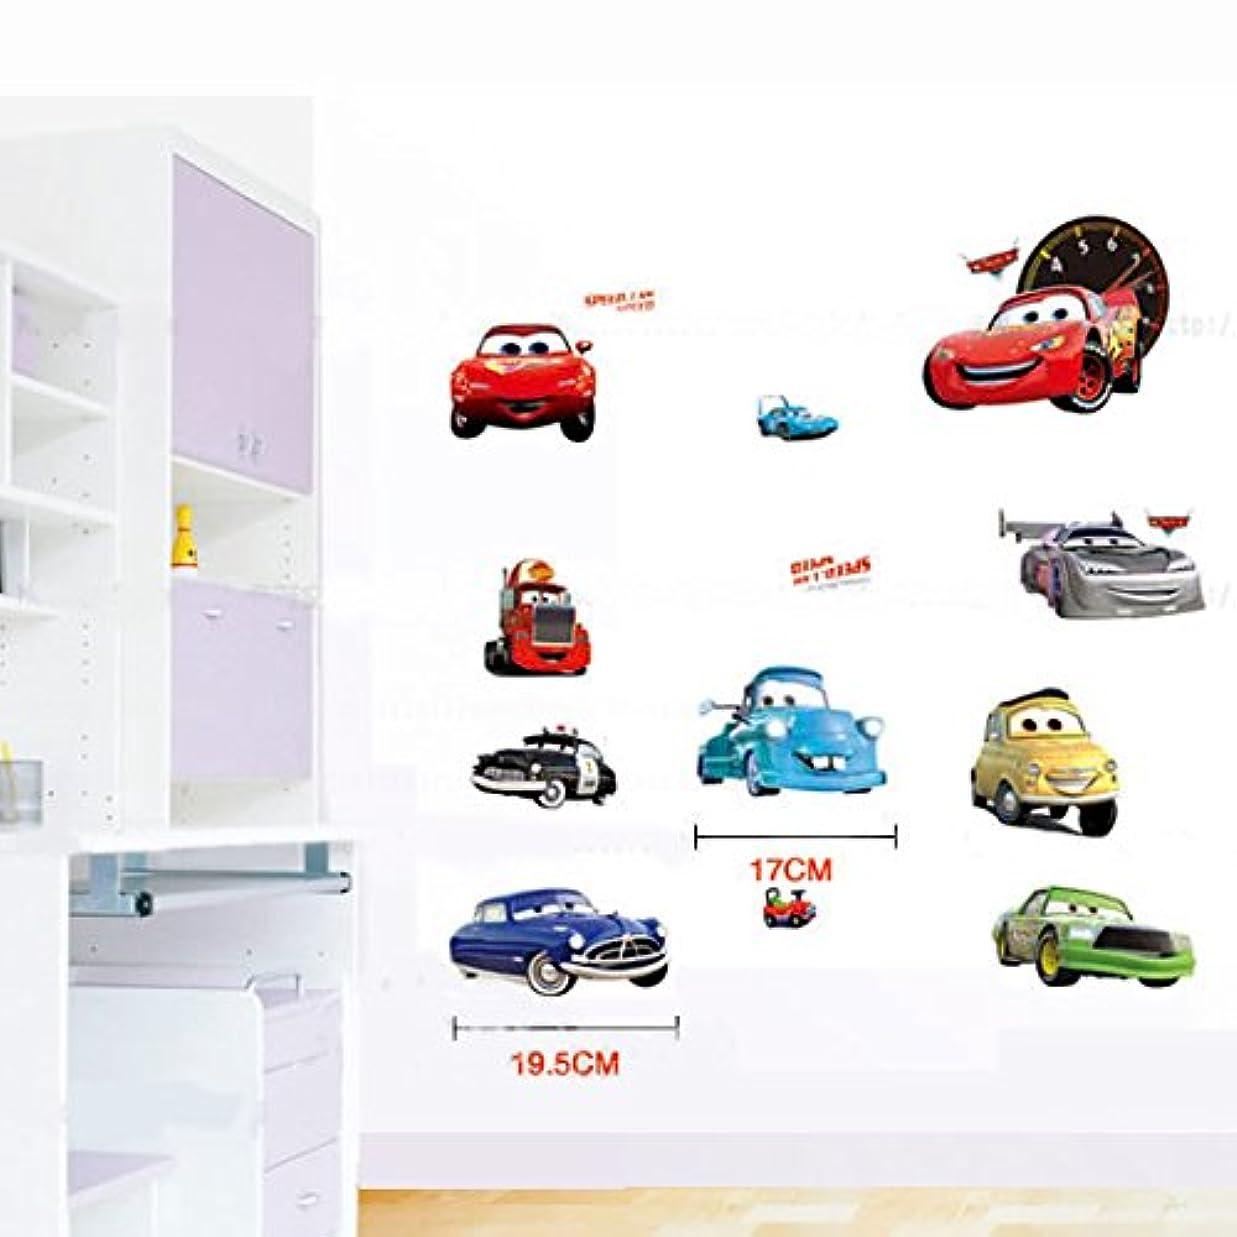 シネマ抜本的な乱暴な【並行輸入品】cars ディズニー カーズ2ウォールステッカー 壁紙シール  子供壁紙シール  / Disney Pixar Cars 2 Alarm Clock - Lightning McQueen